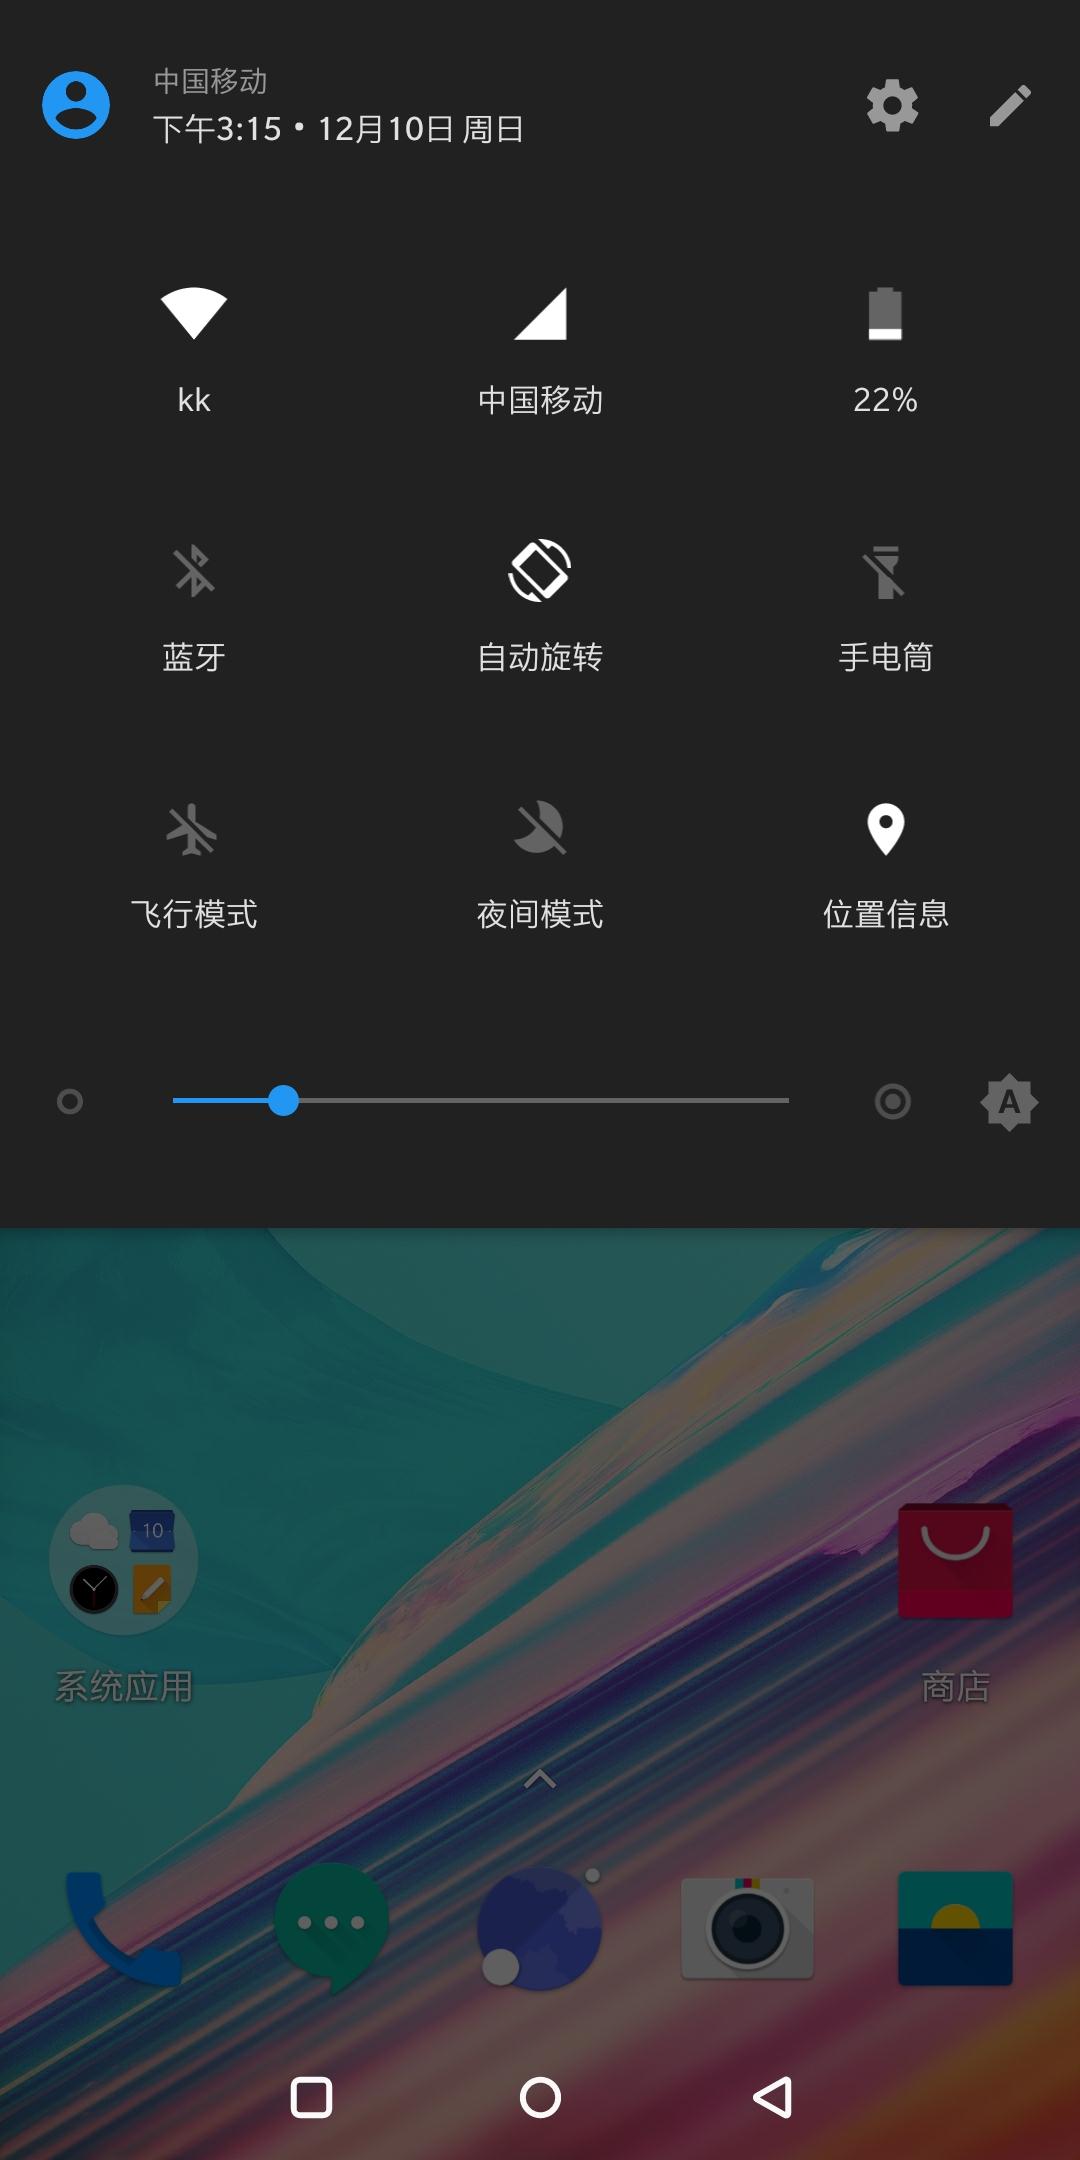 Screenshot_20171210-151539.jpg